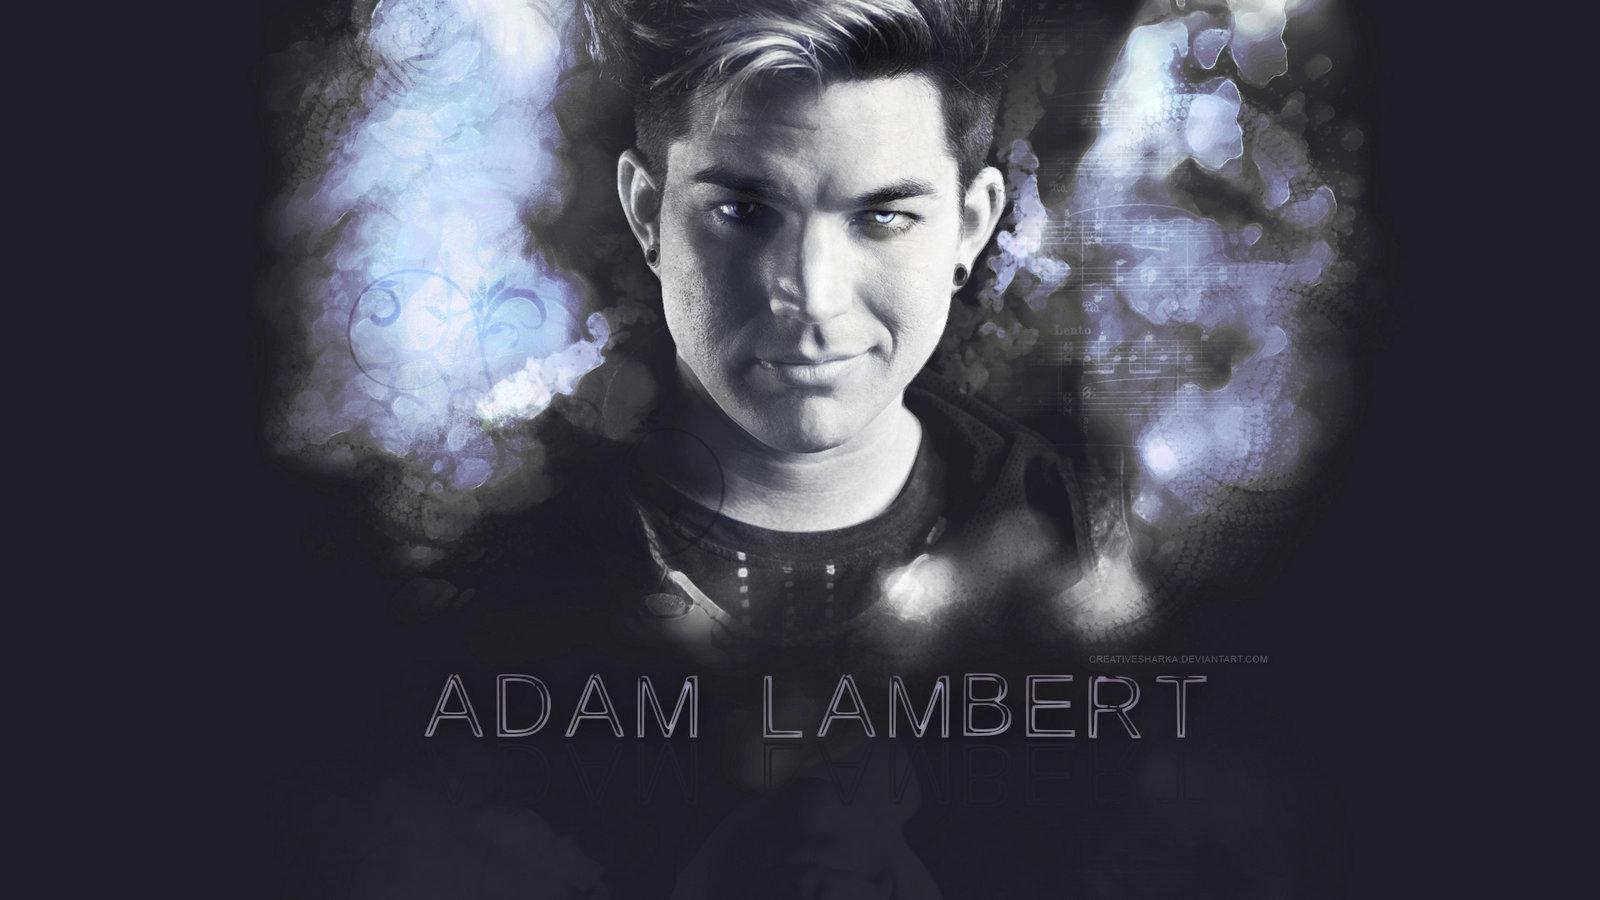 Adam Lambert Wallpapers WeNeedFun 1600x900